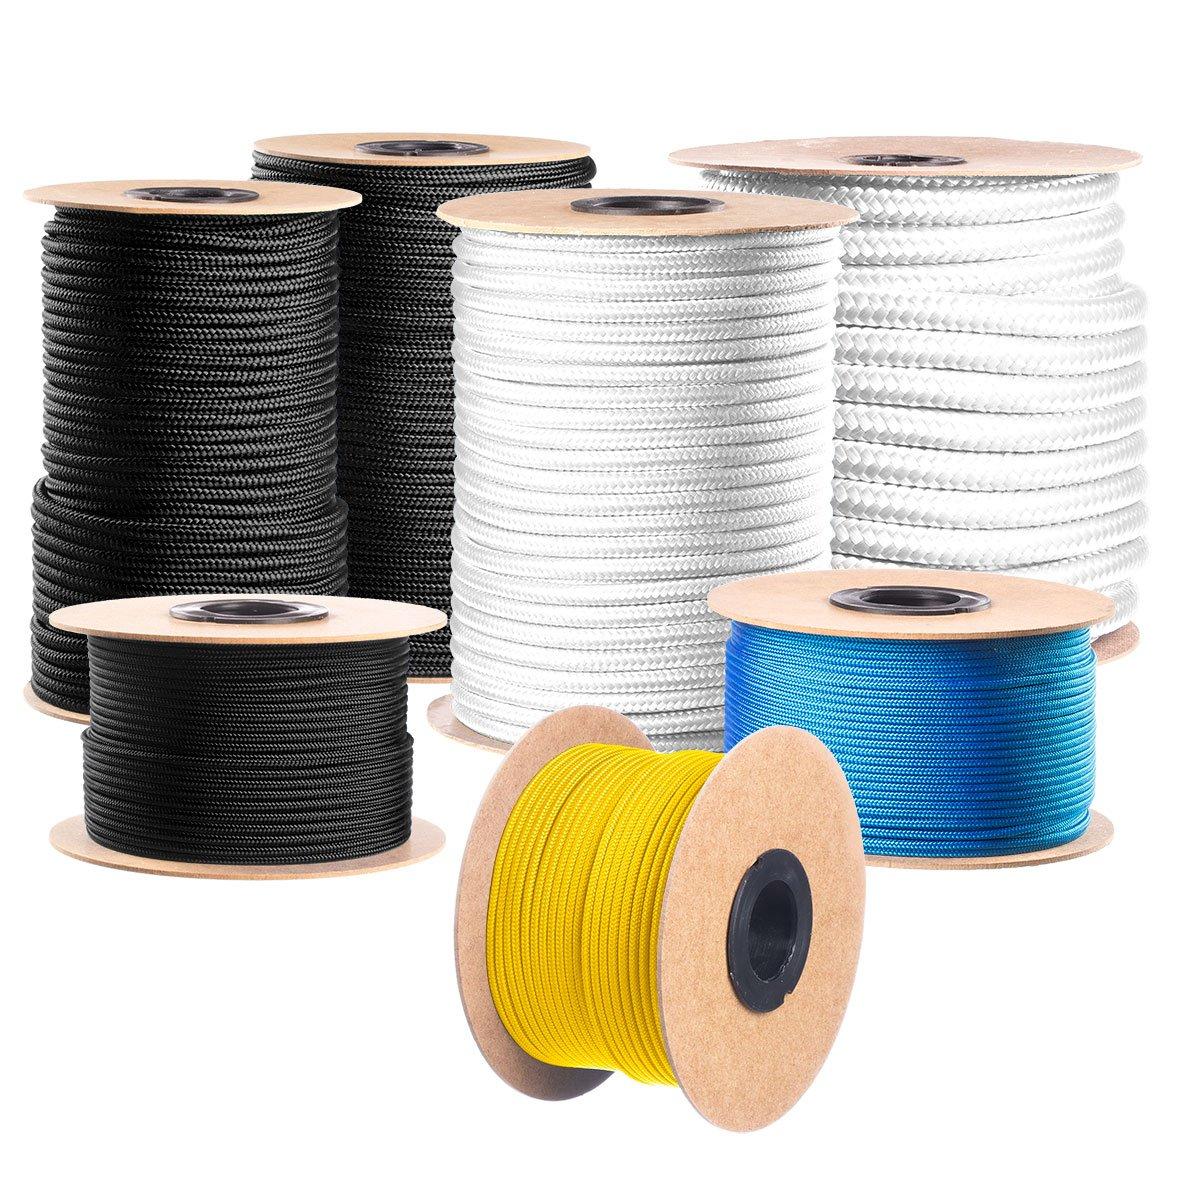 Seilwerk STANKE Fuerza 10mm Polea con gancho yute Cuerda,Longitud 10m